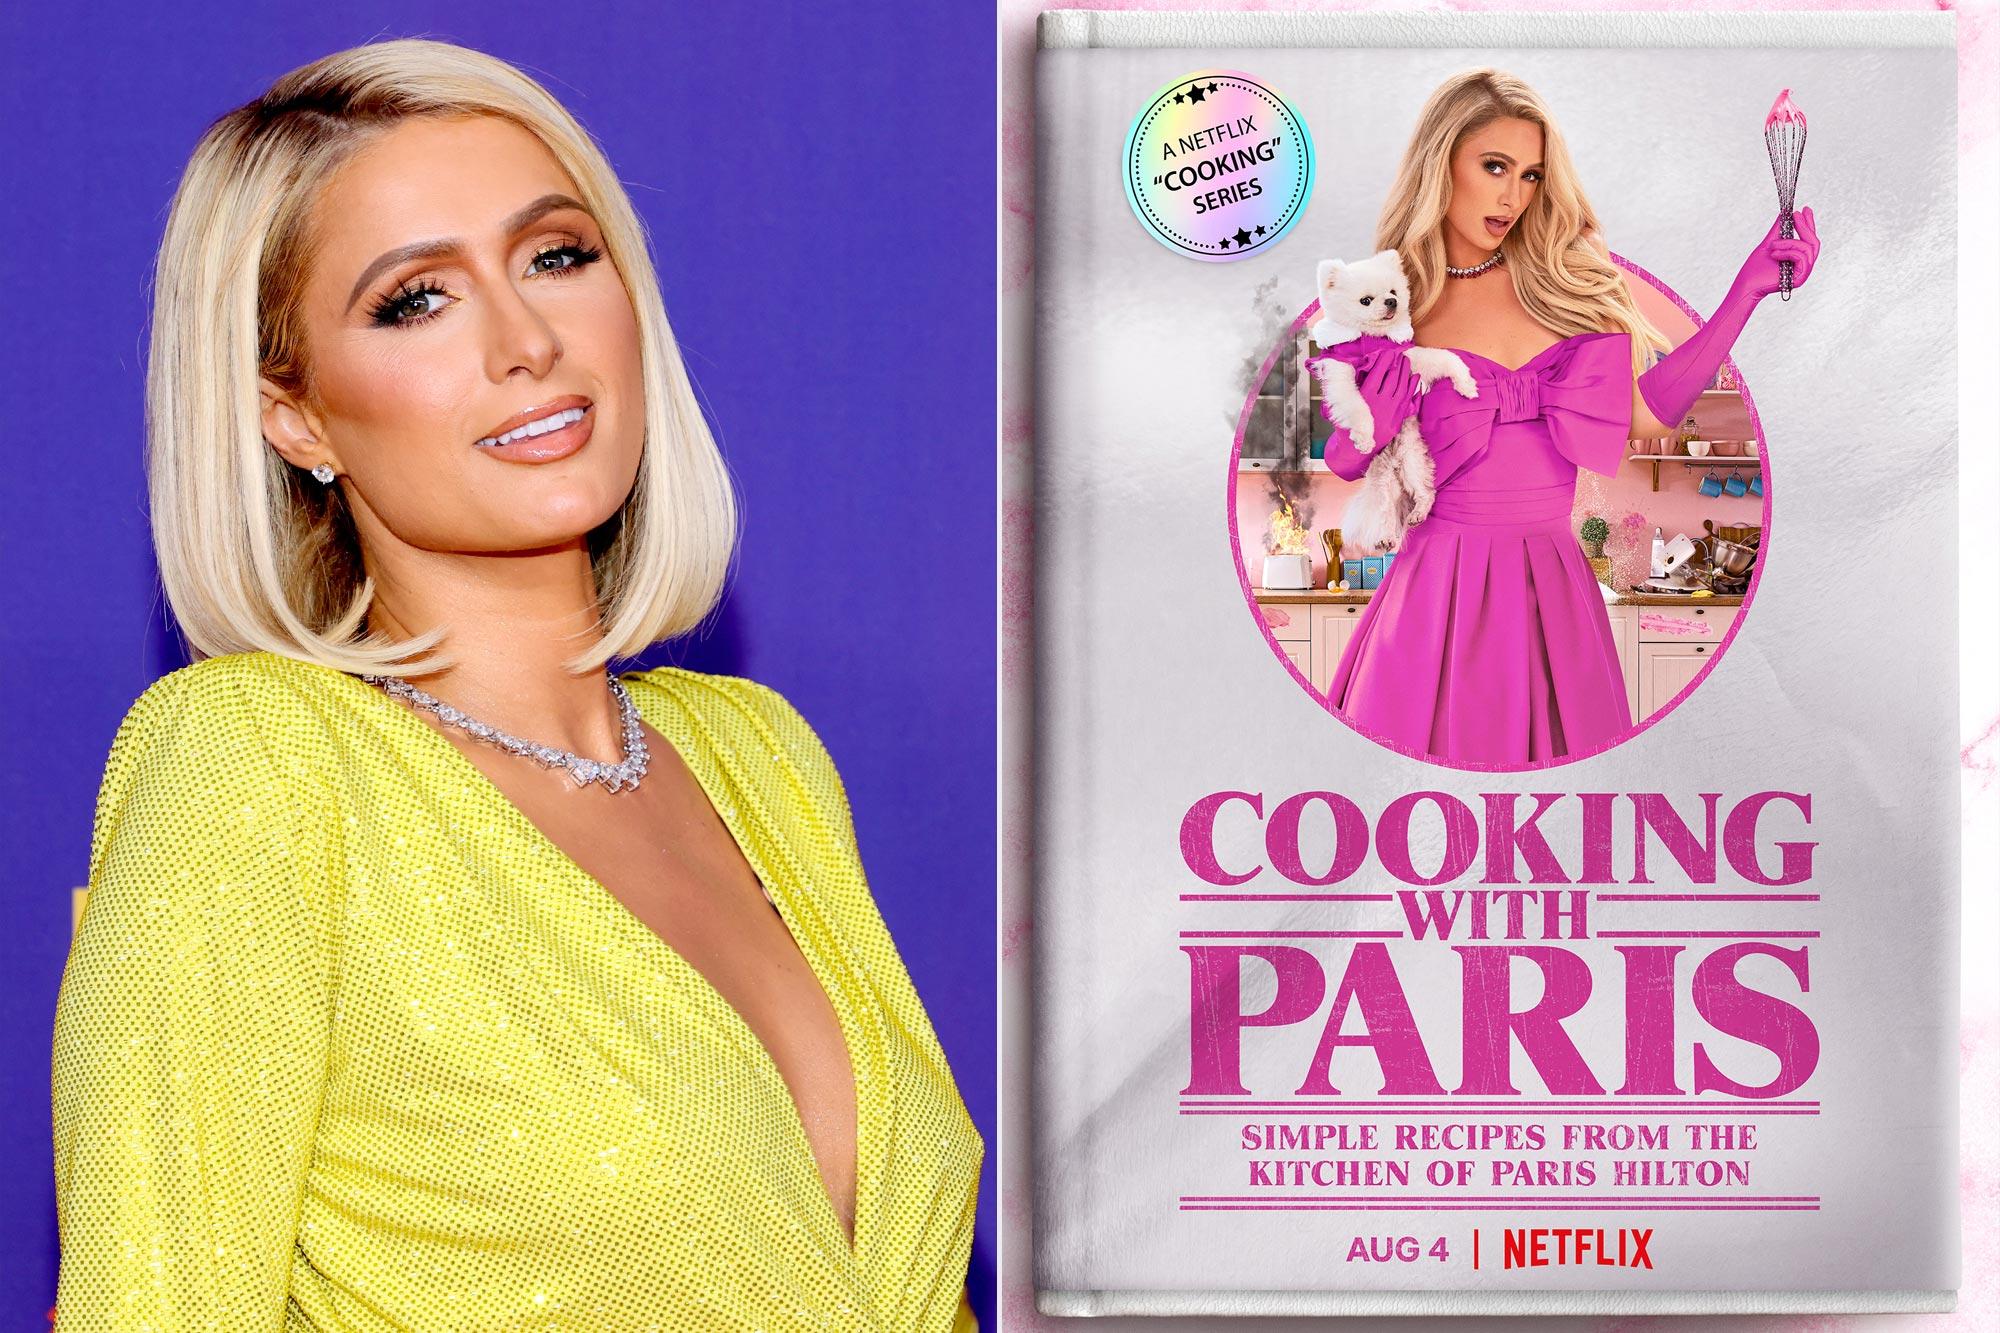 Paris Hilton; Cooking with Paris